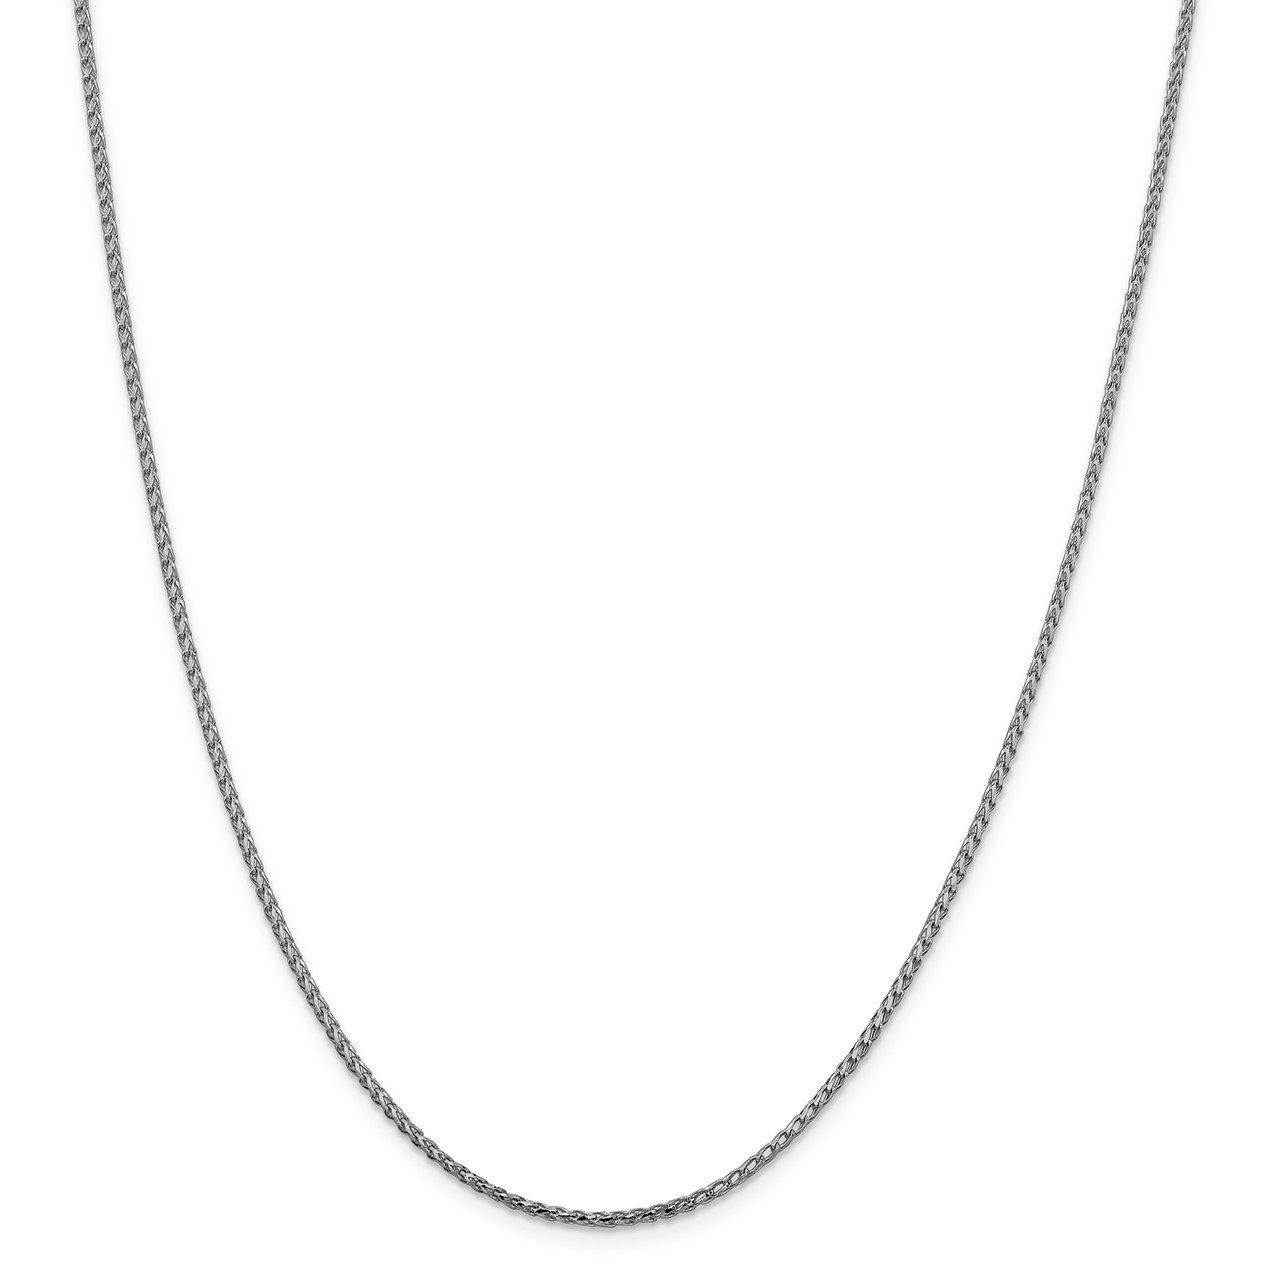 Leslie's 14K White Gold 1.6mm D/C Open Franco Chain